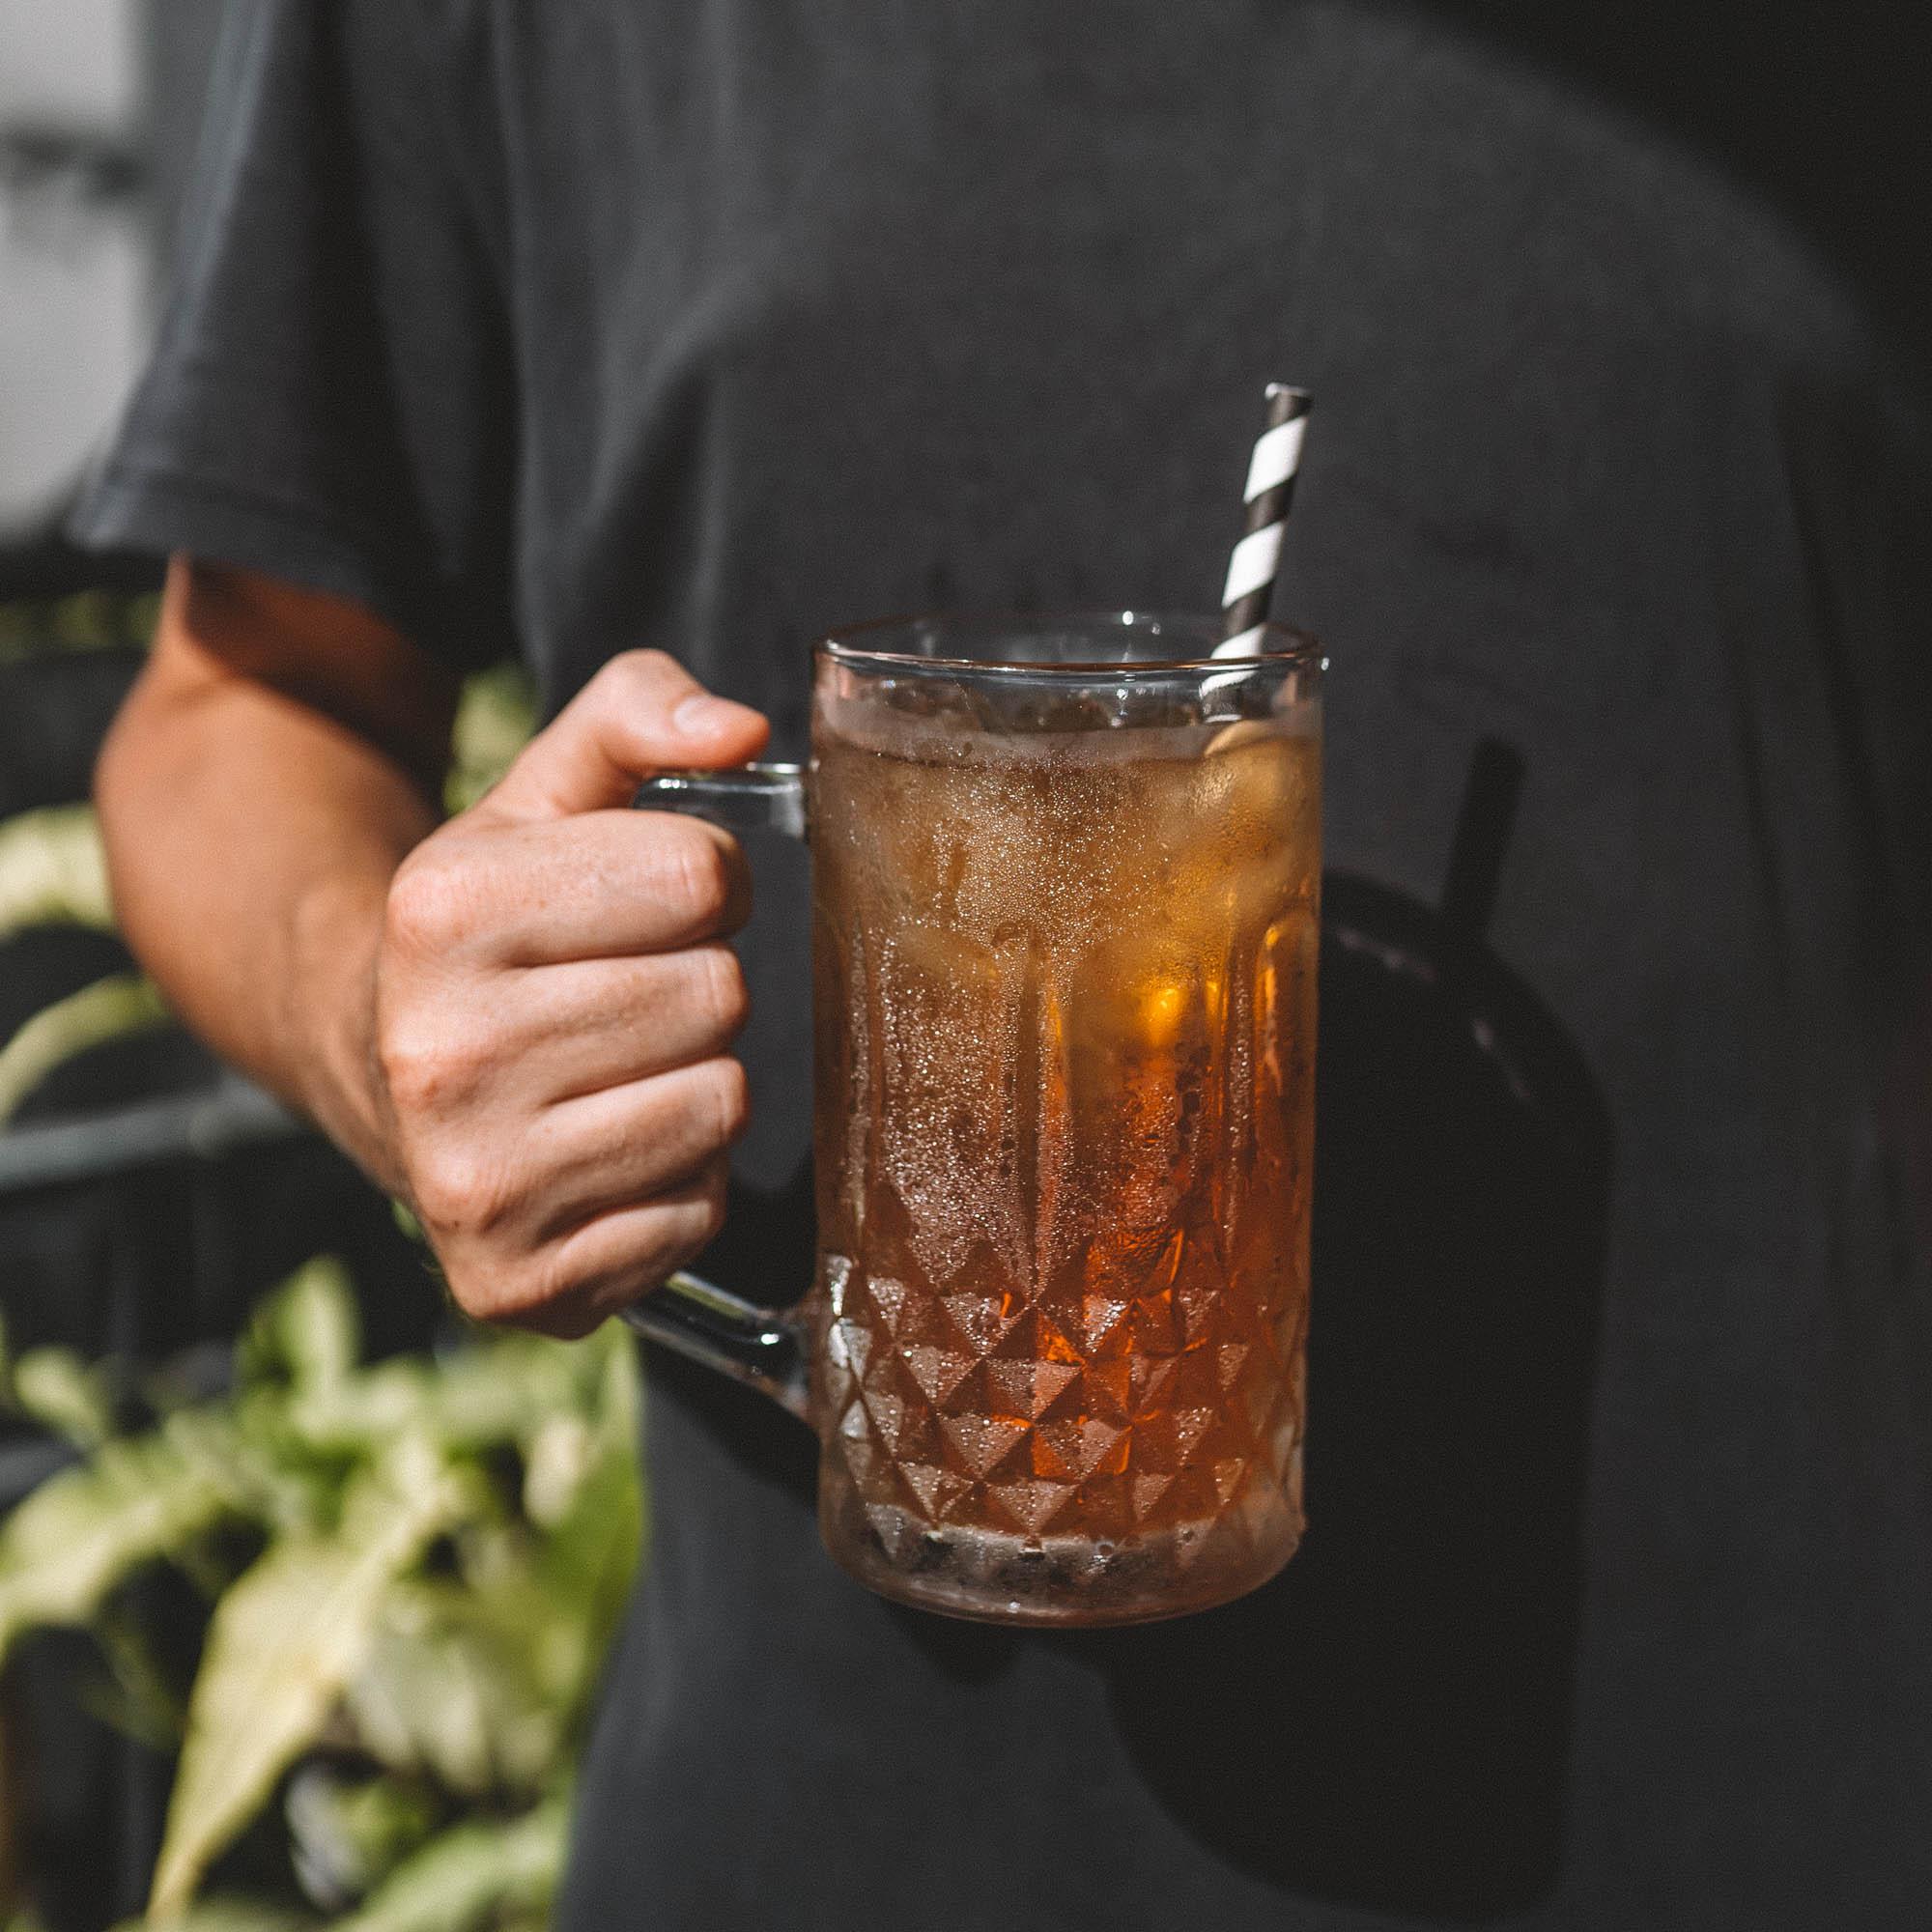 keira-mason-bangkok-hustle-iced-tea.jpg